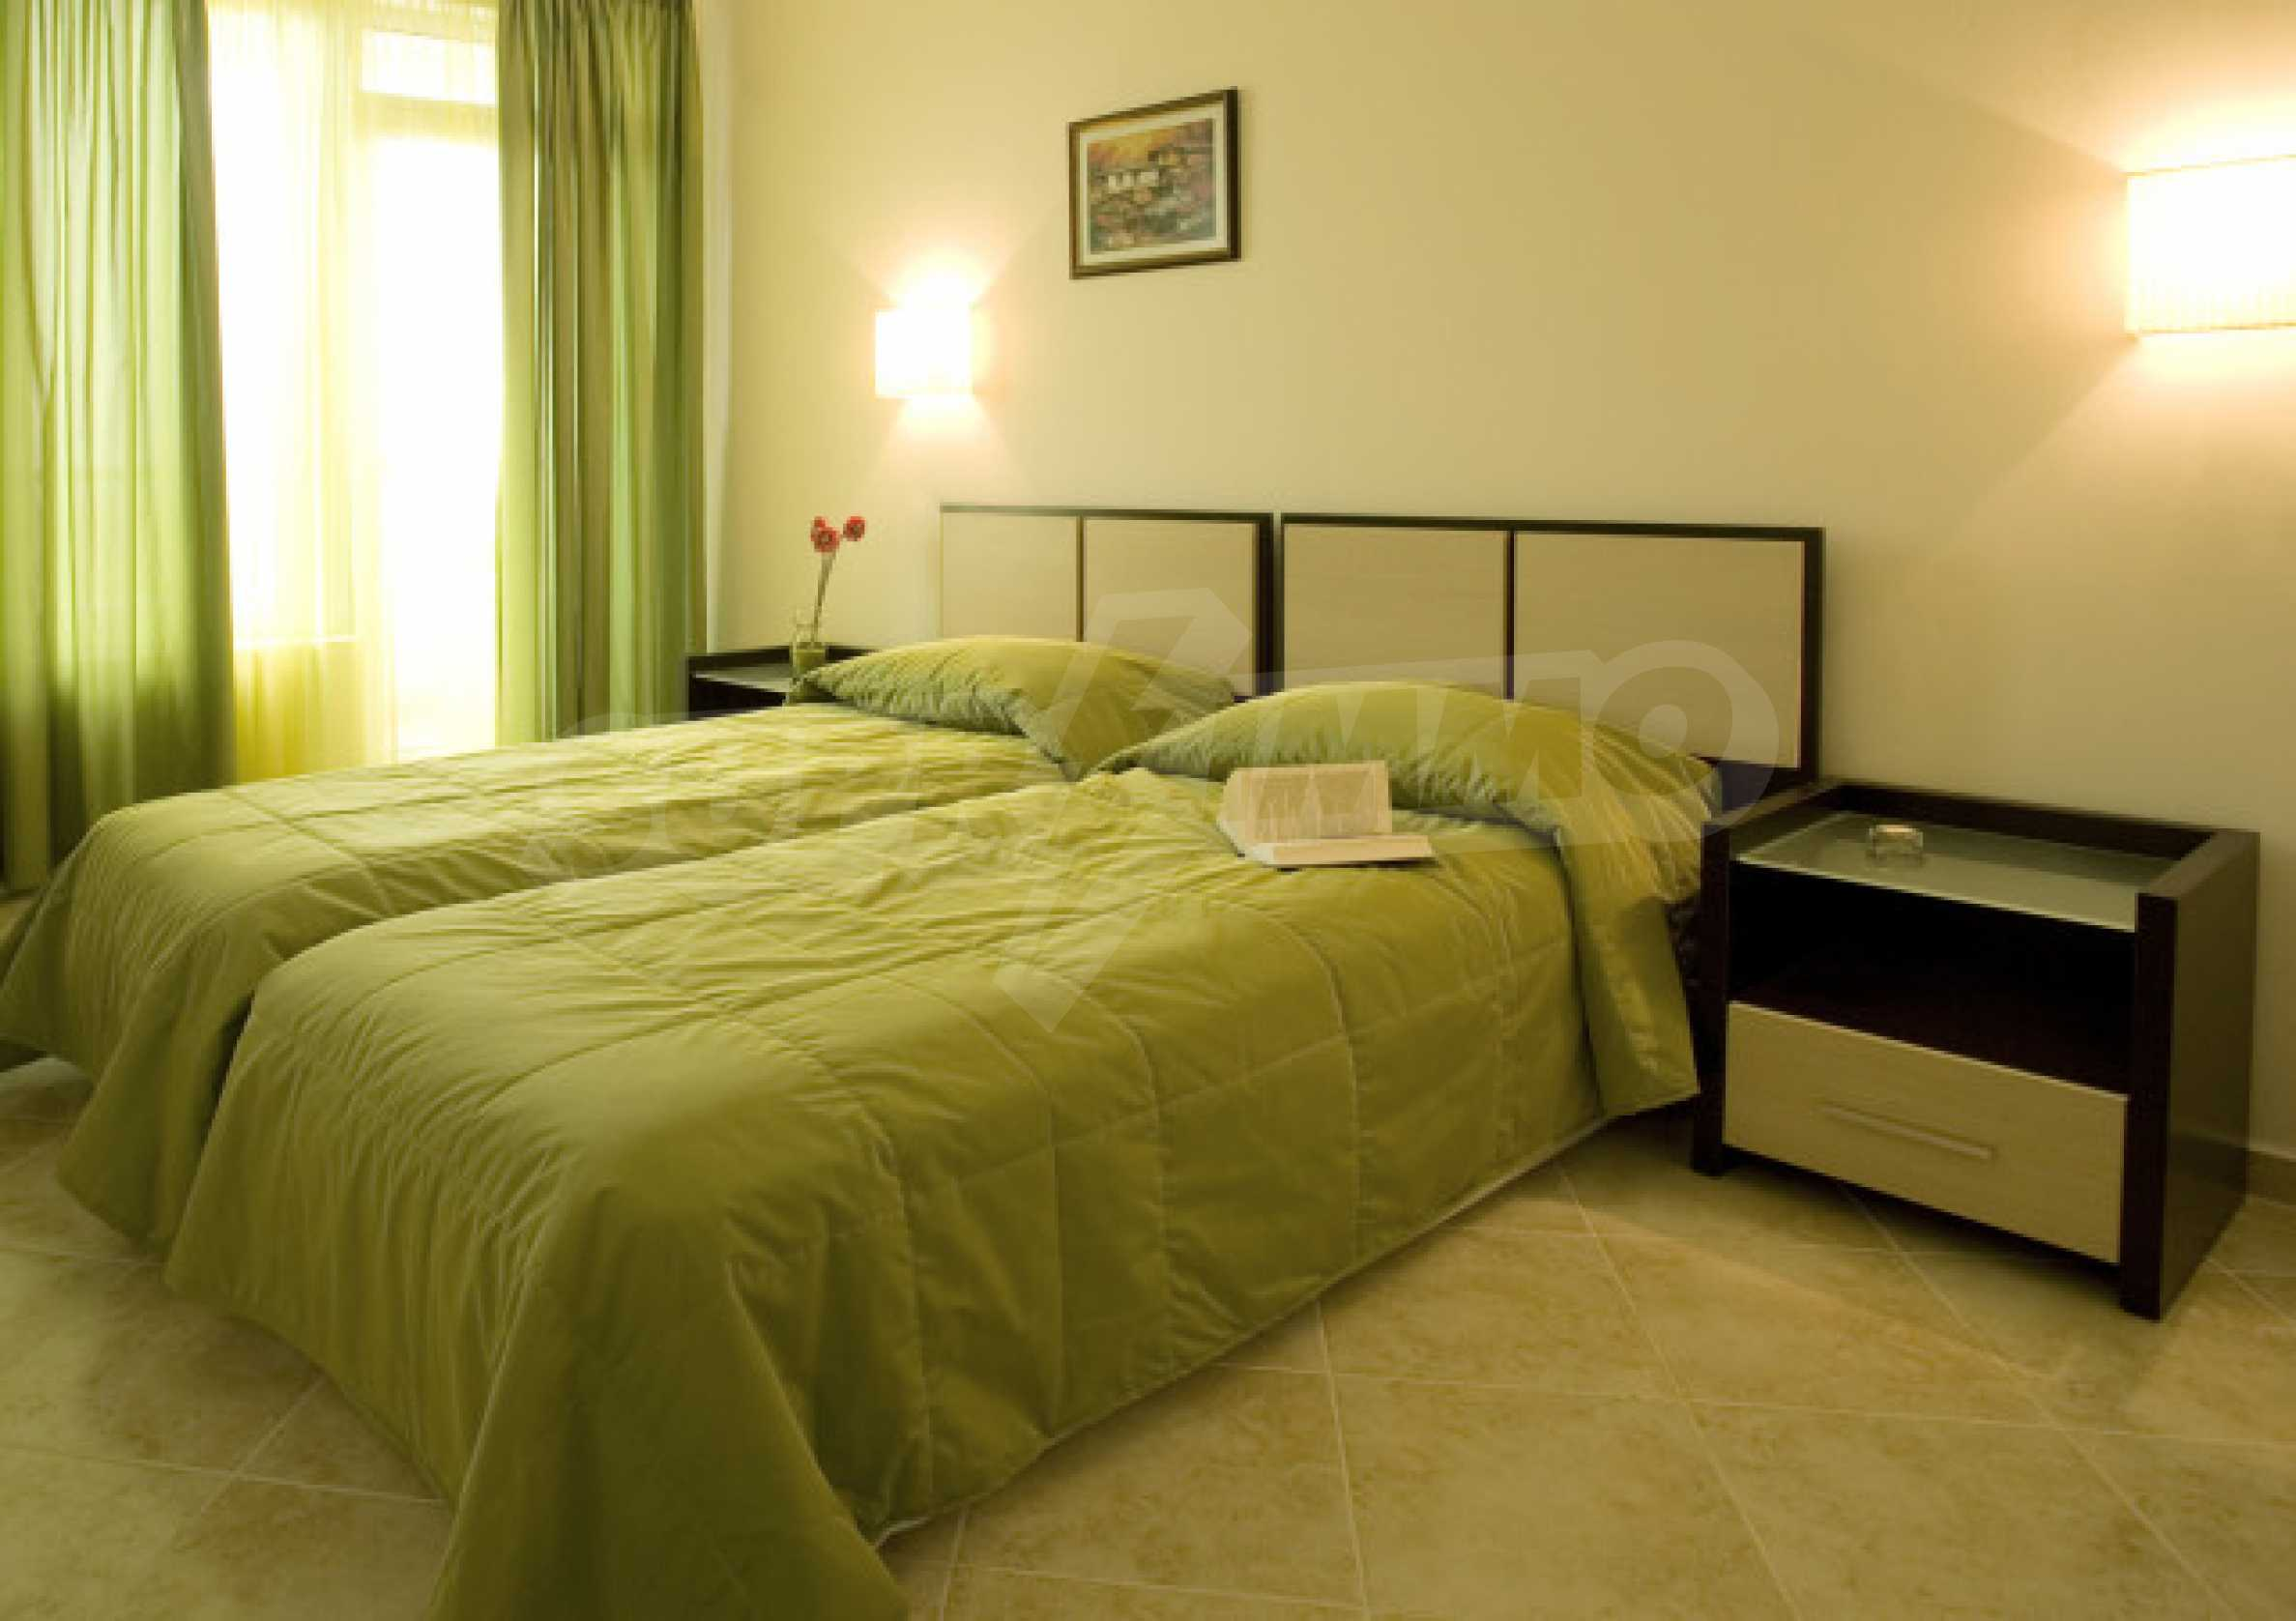 Sunset Kosharitsa - aпартаменти в атрактивен комплекс сред планината и морето, на 5 минути с кола от Слънчев бряг 49